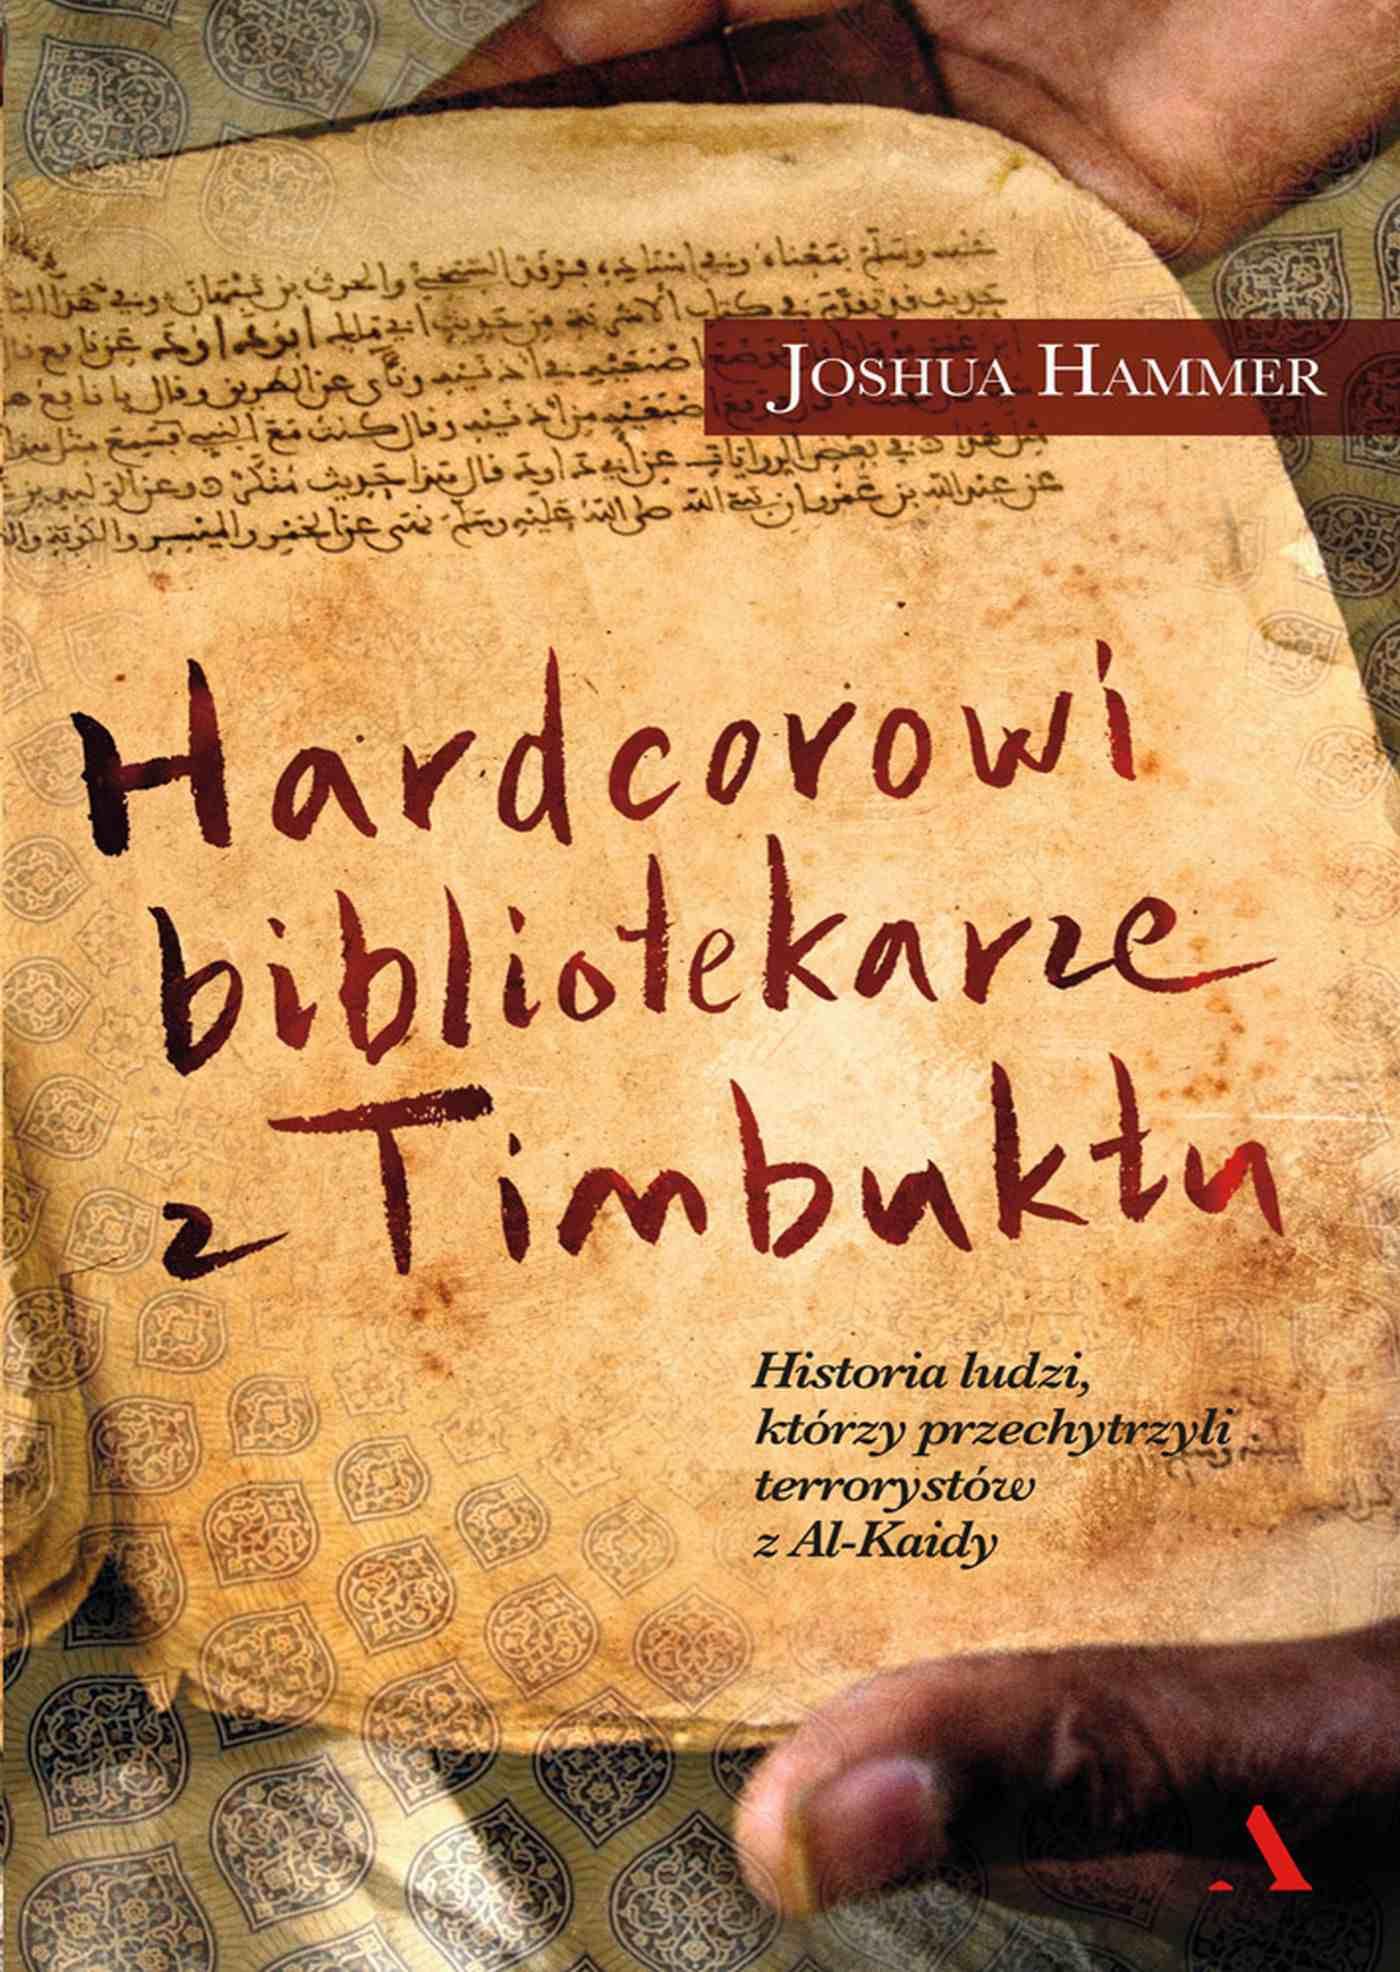 Hardcorowi bibliotekarze z Timbuktu. Historia ludzi, którzy przechytrzyli terrorystów z Al-Kaidy - Ebook (Książka na Kindle) do pobrania w formacie MOBI